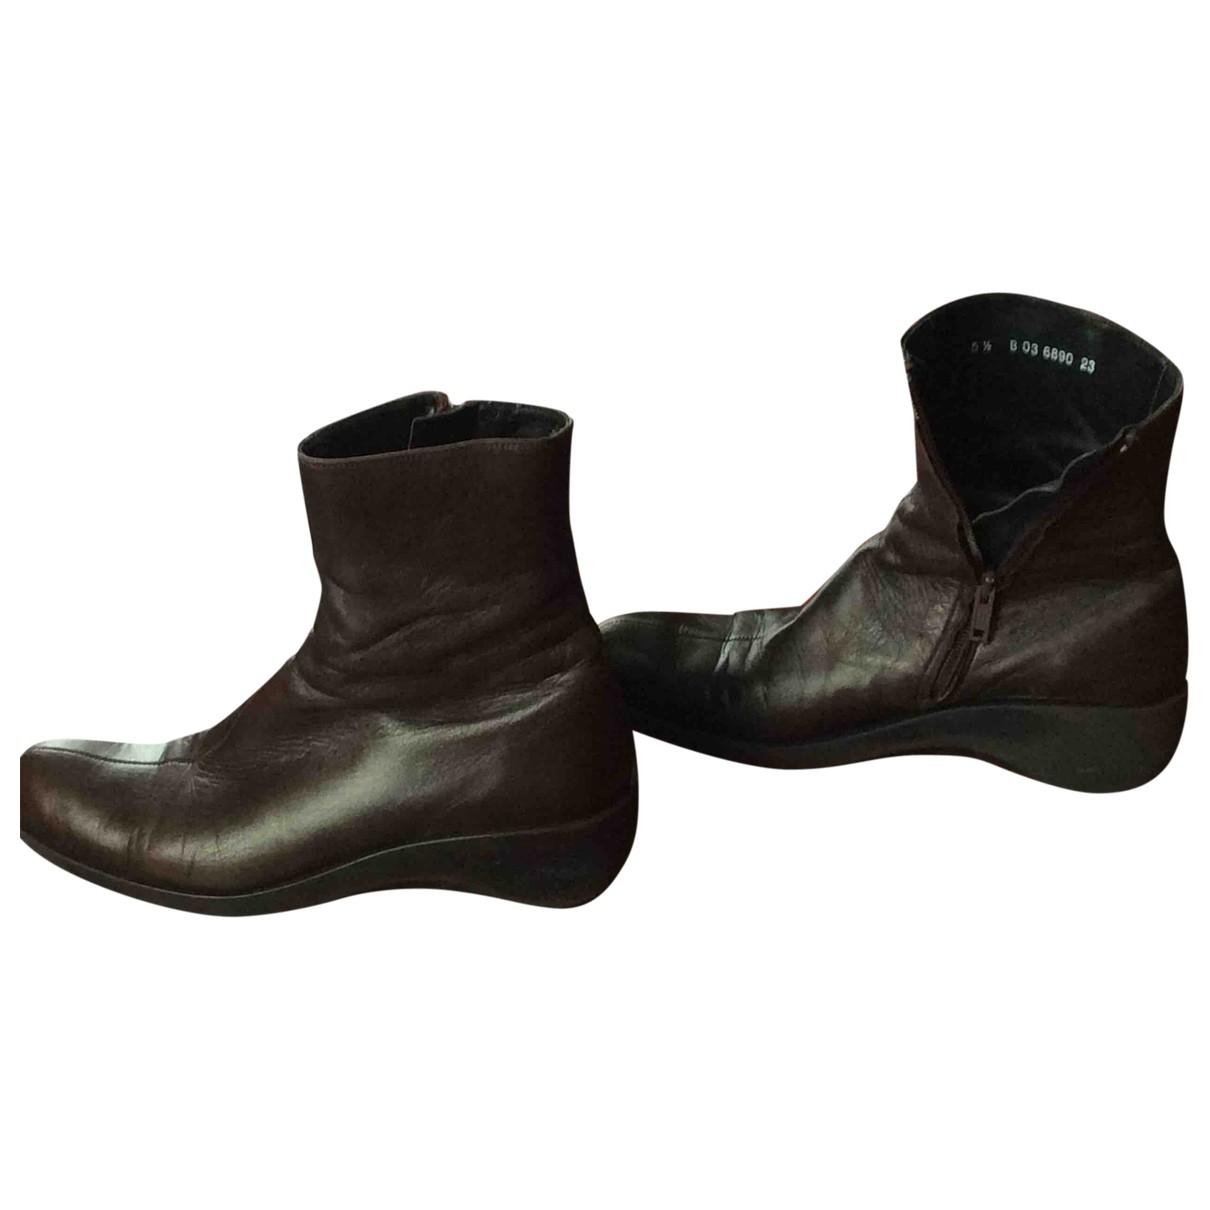 Robert Clergerie - Boots   pour femme en cuir - marron